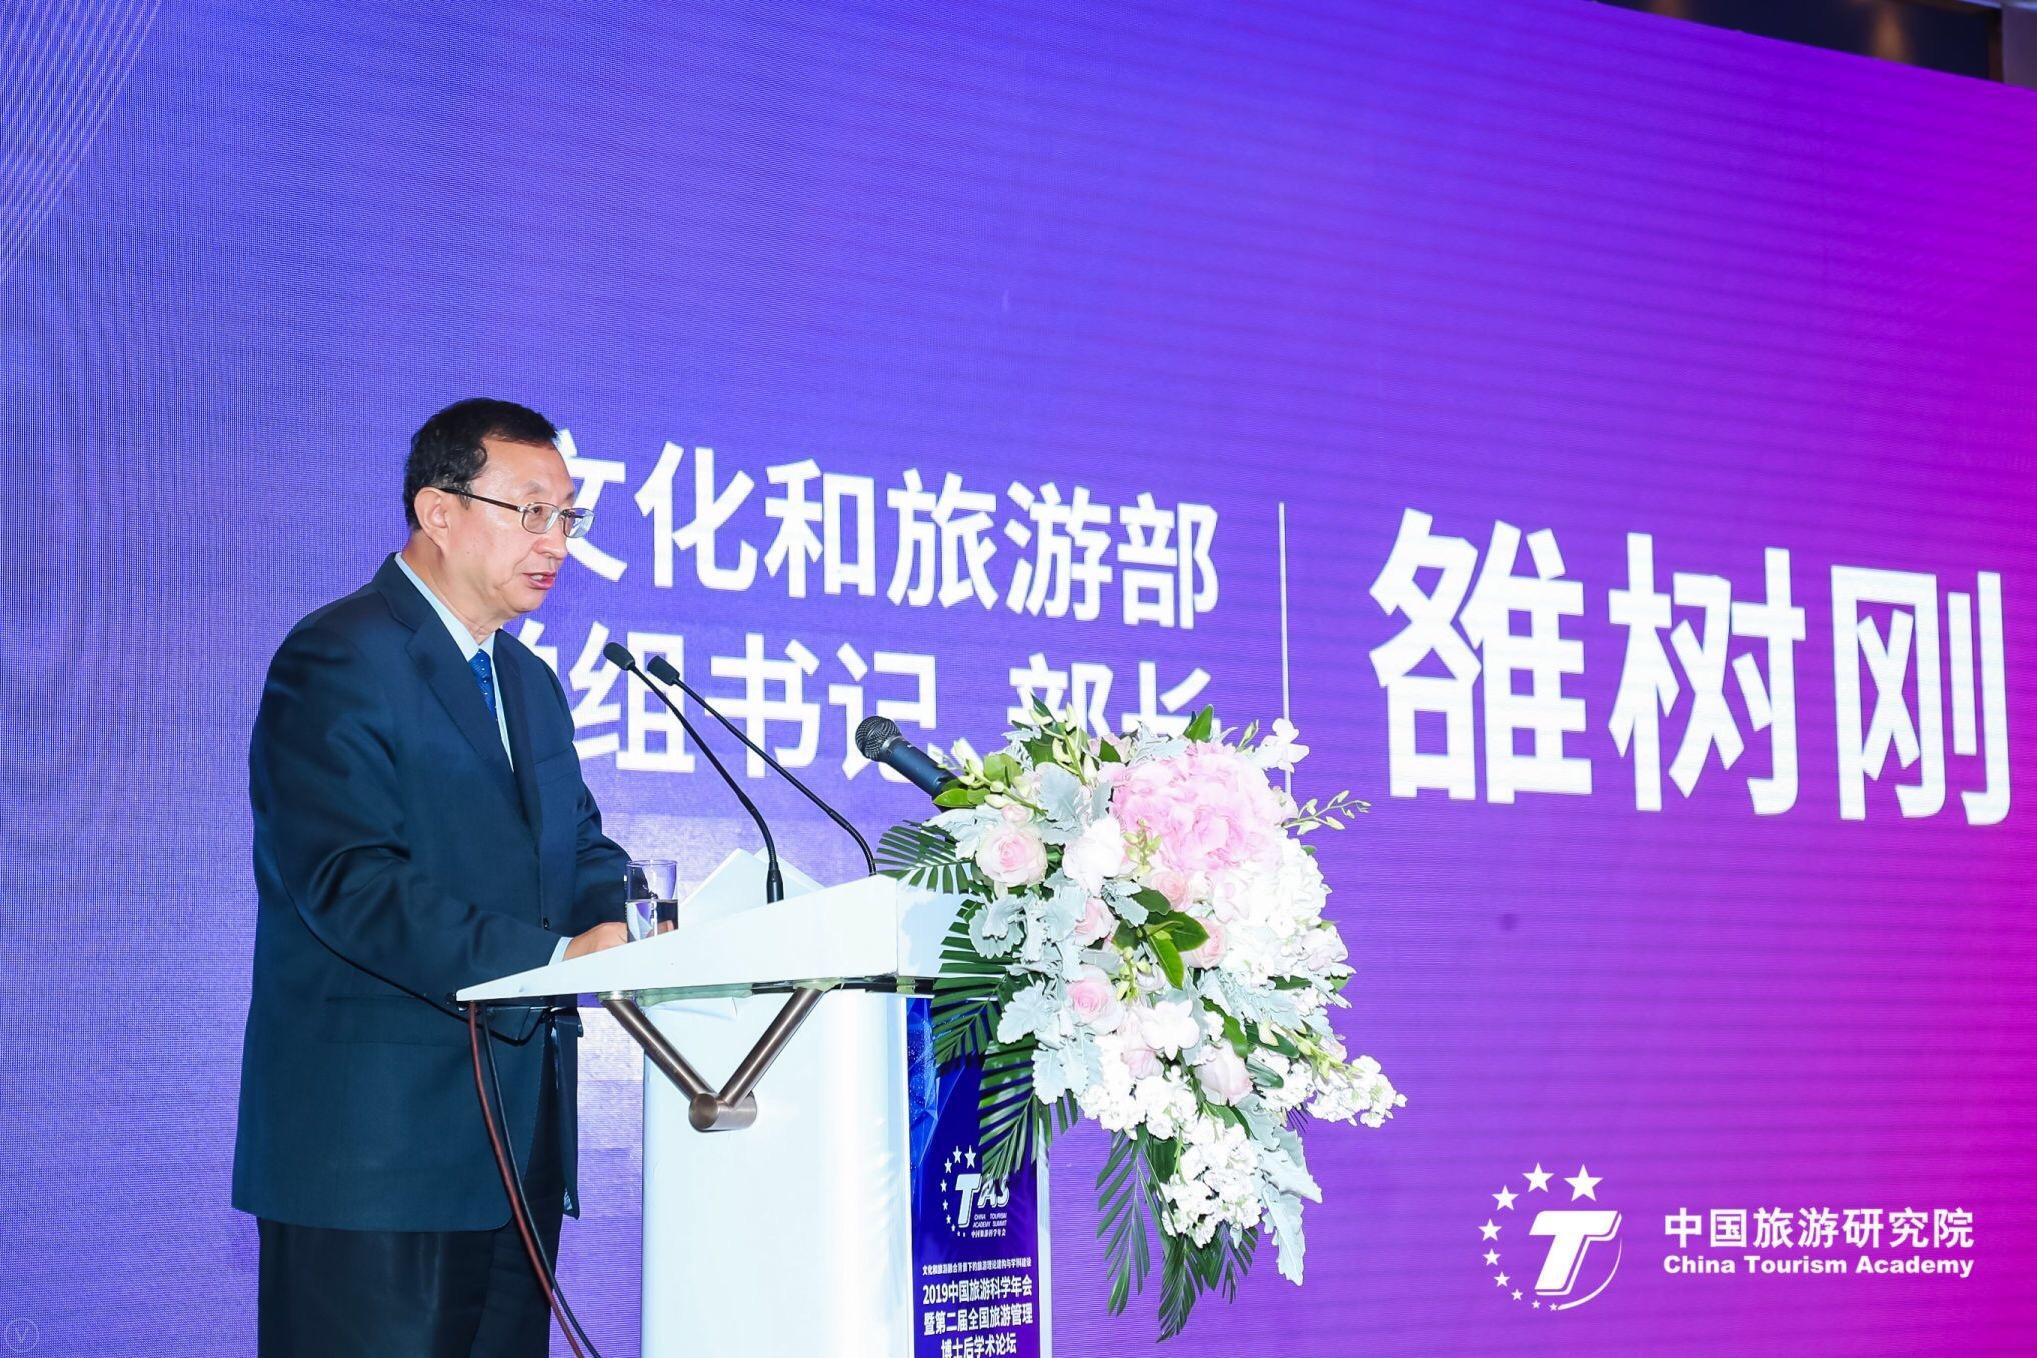 雒树刚:中国为世界旅游发展贡献智慧